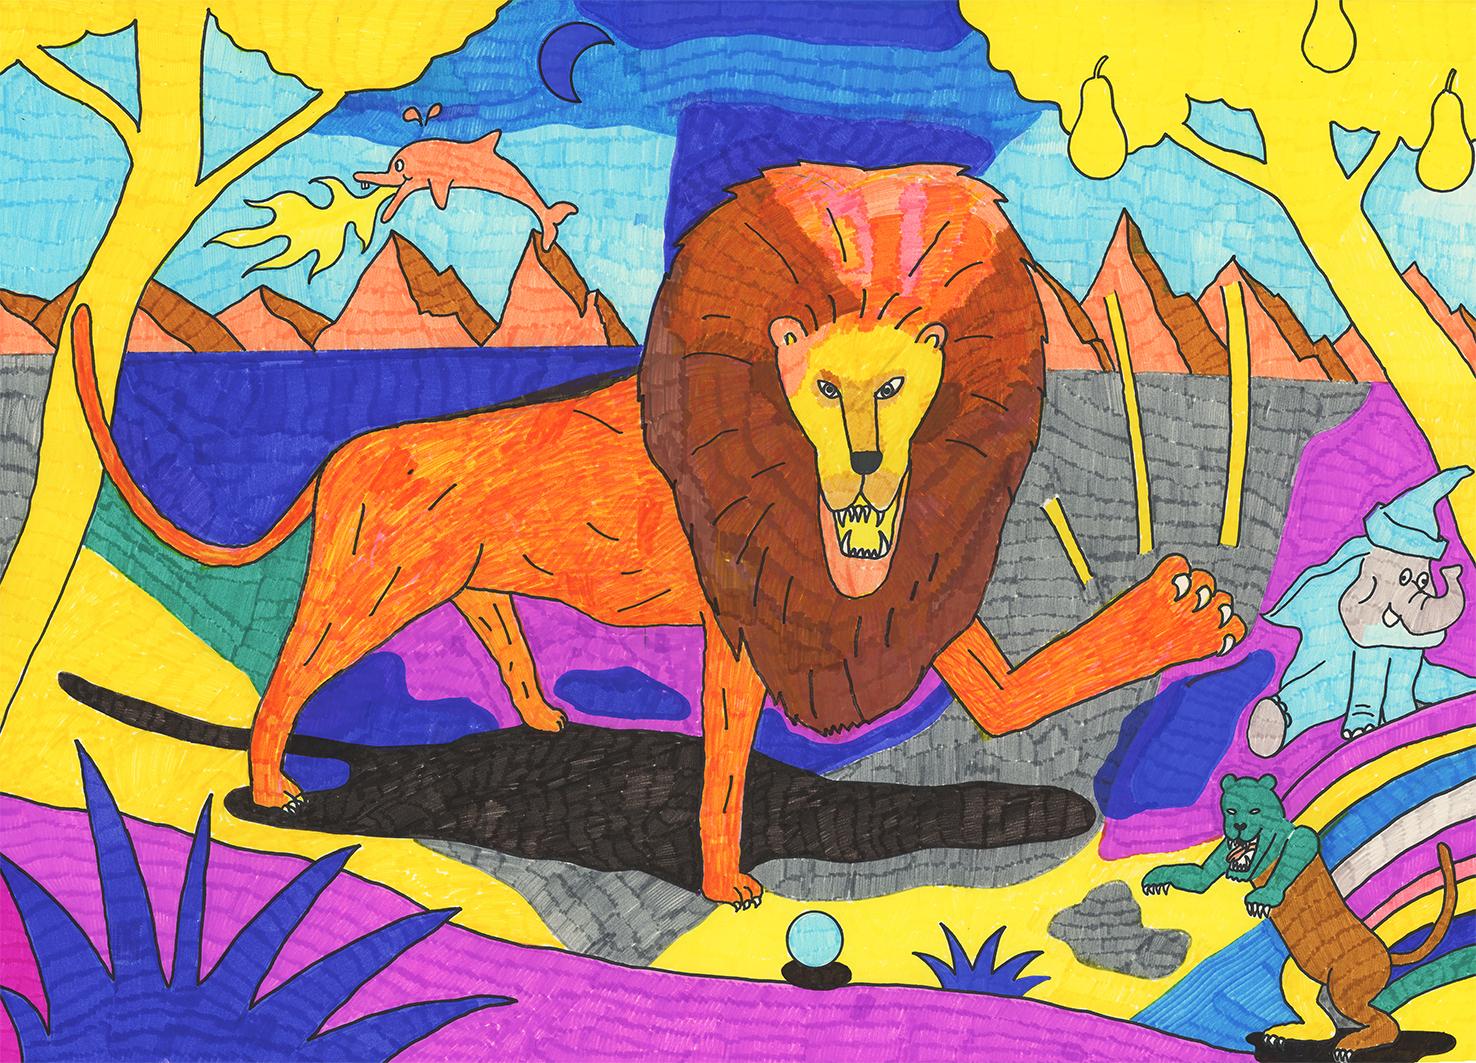 Löwe kommt